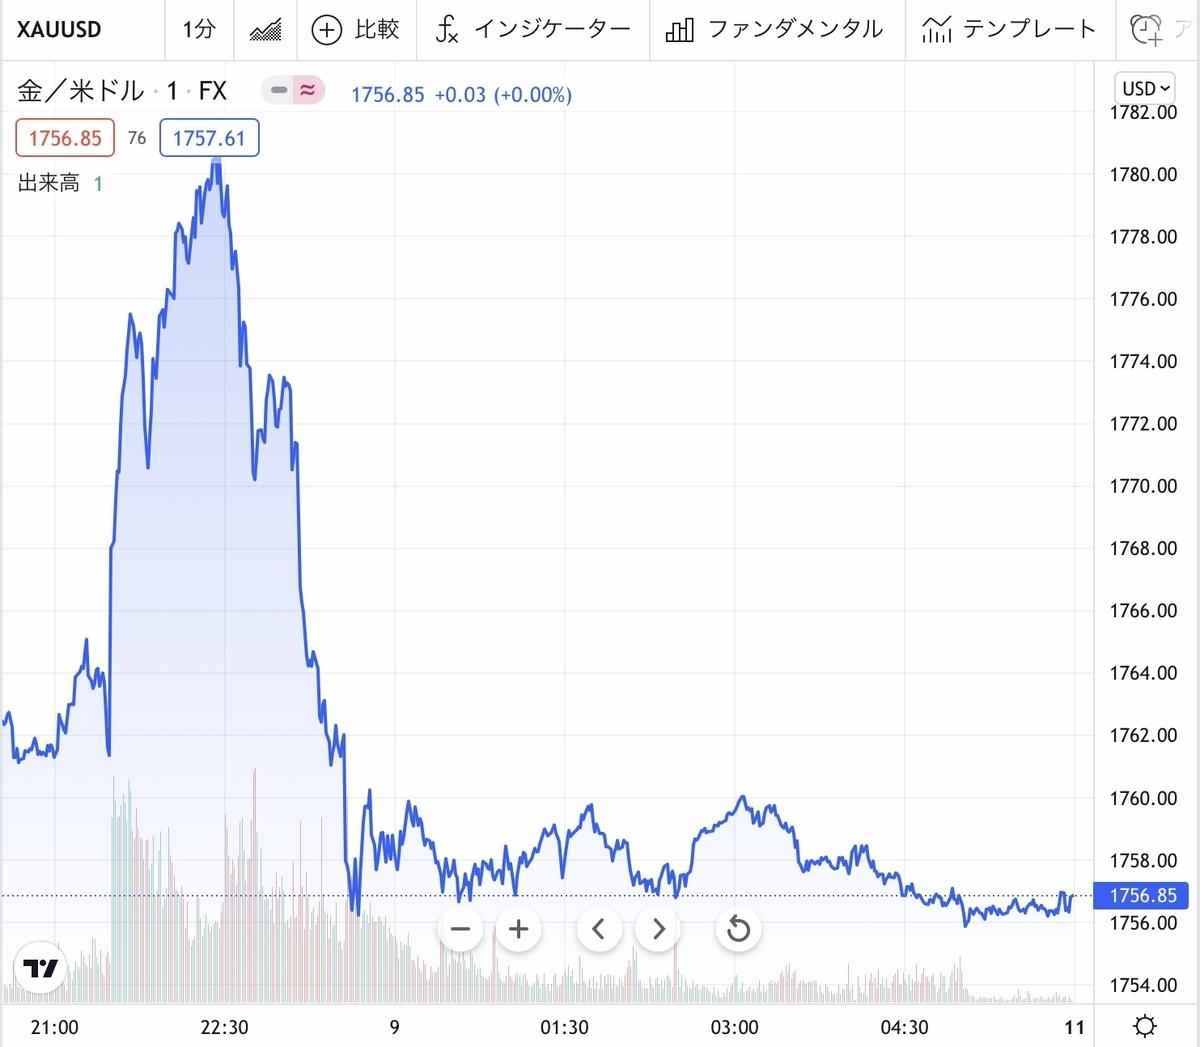 f:id:US-Stocks:20211009084029j:plain